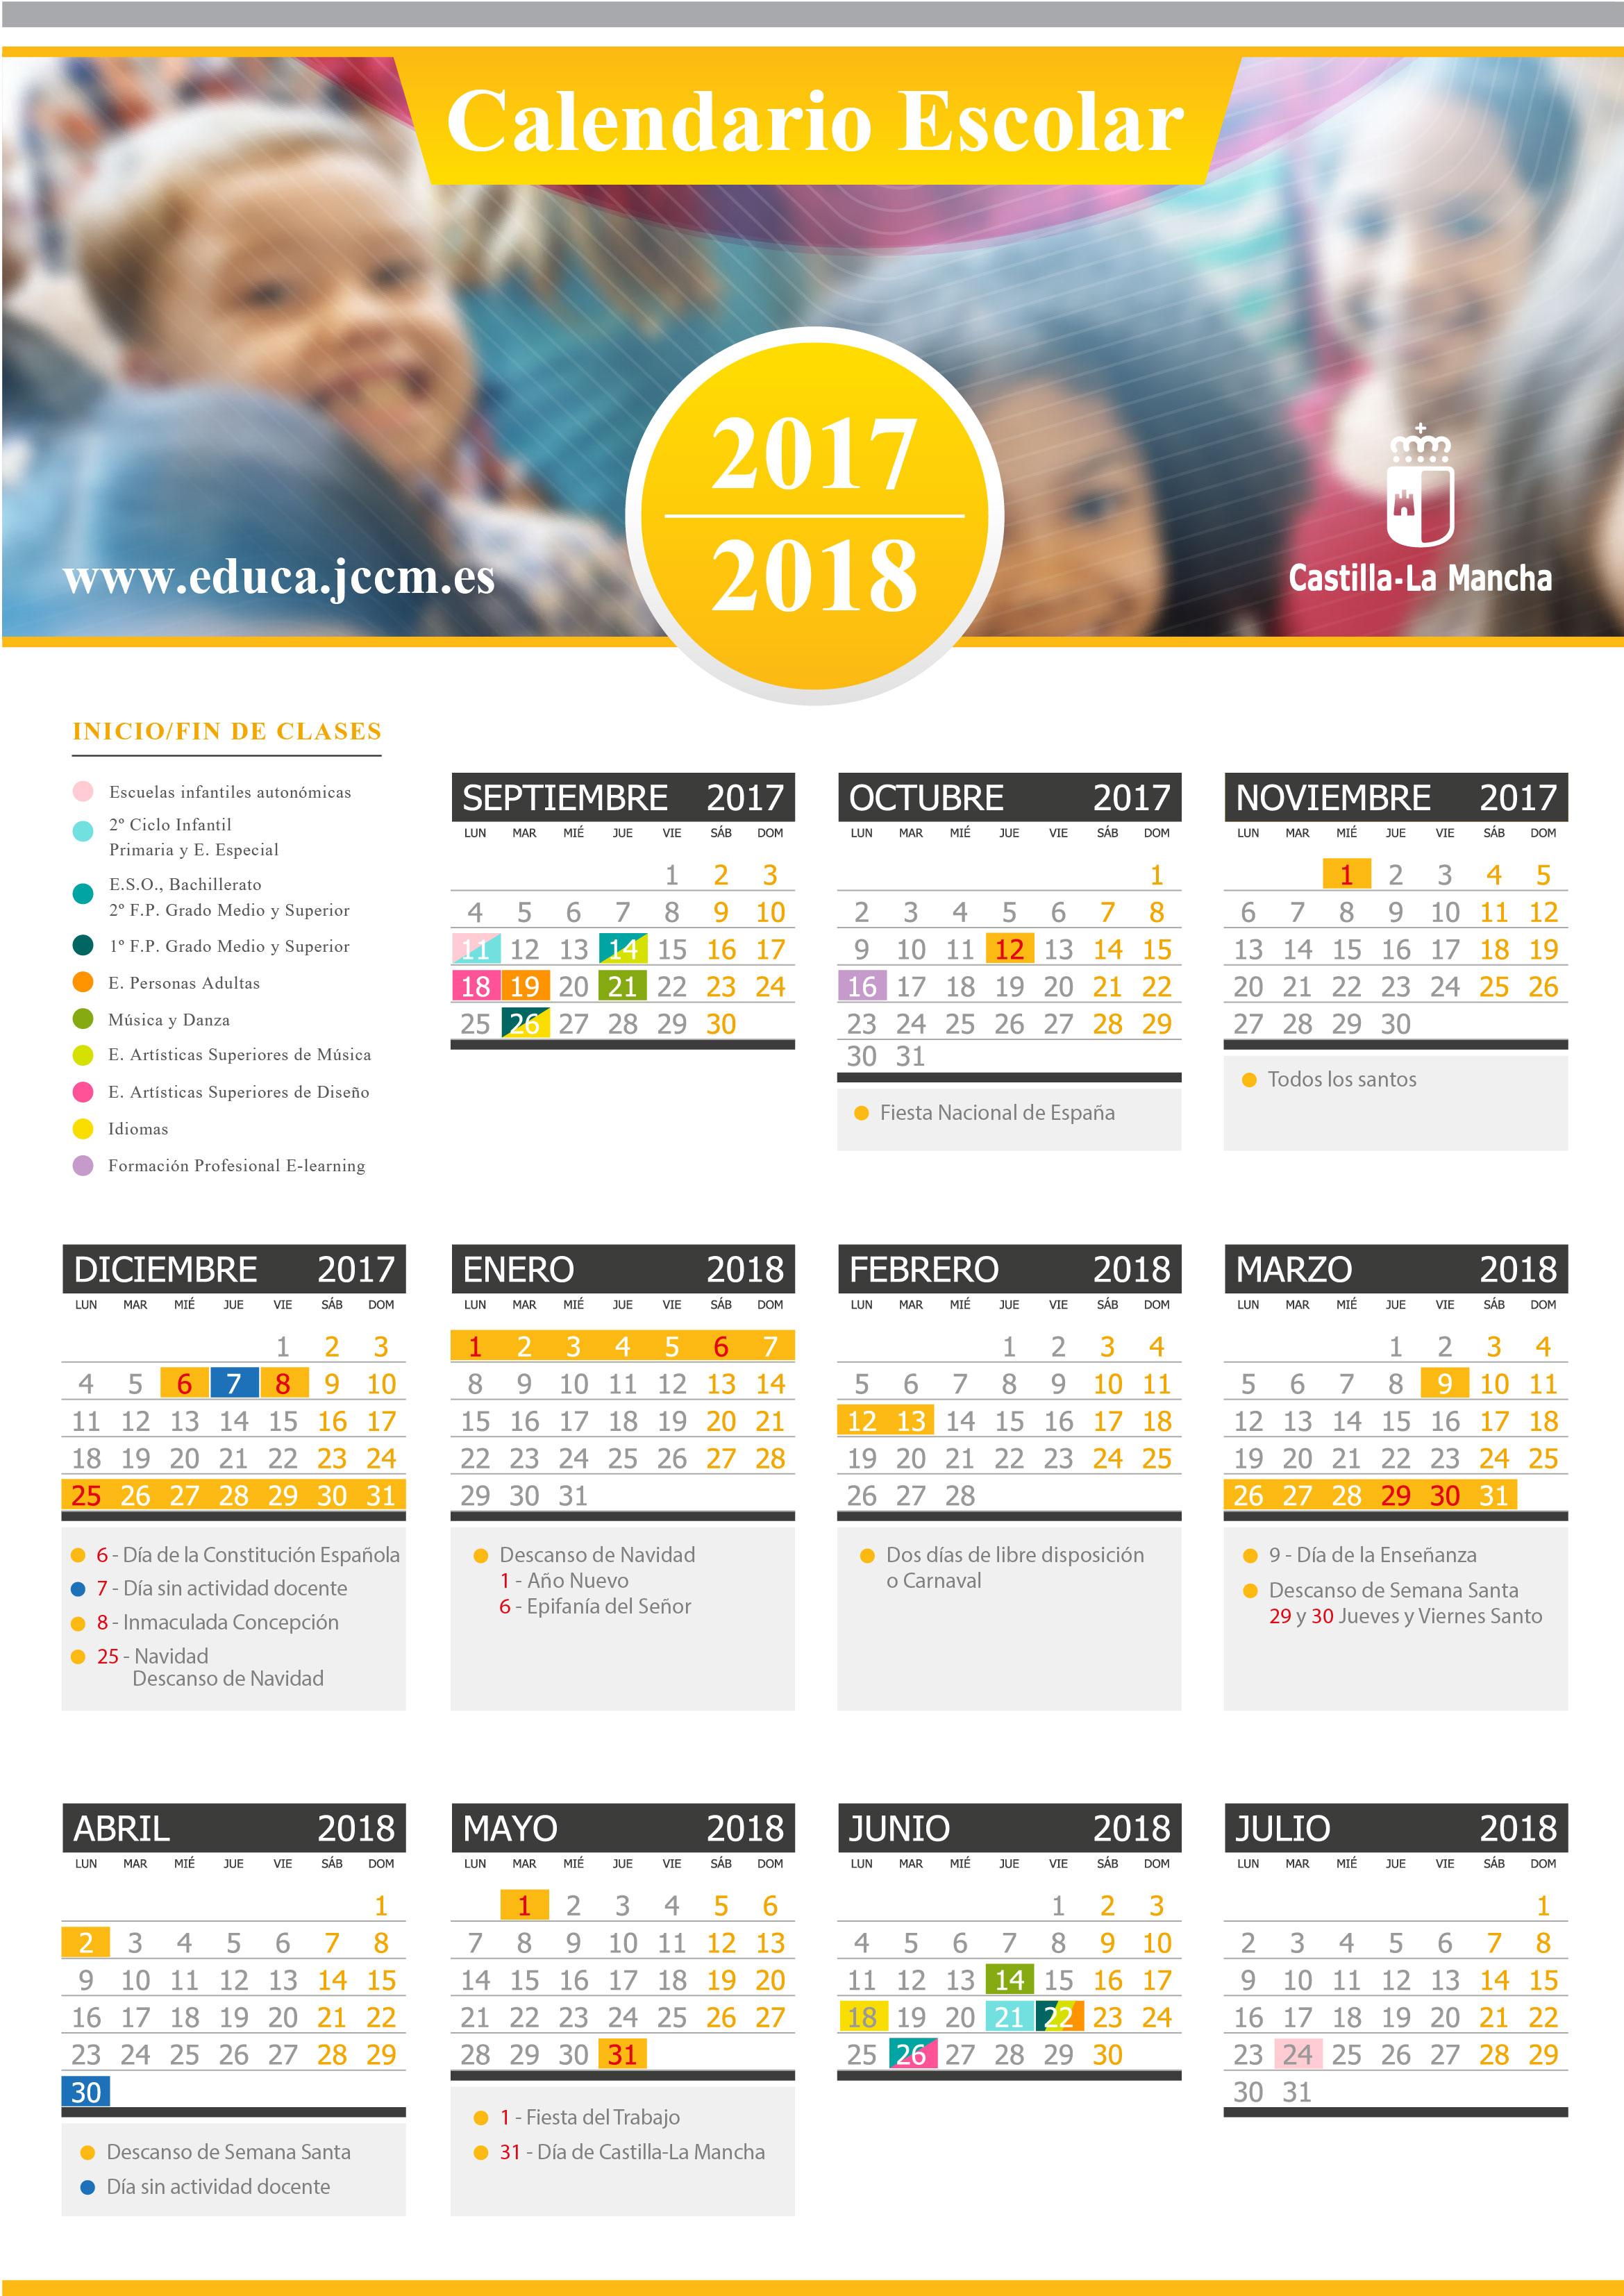 Calendario Escolar 2017-18 CLM